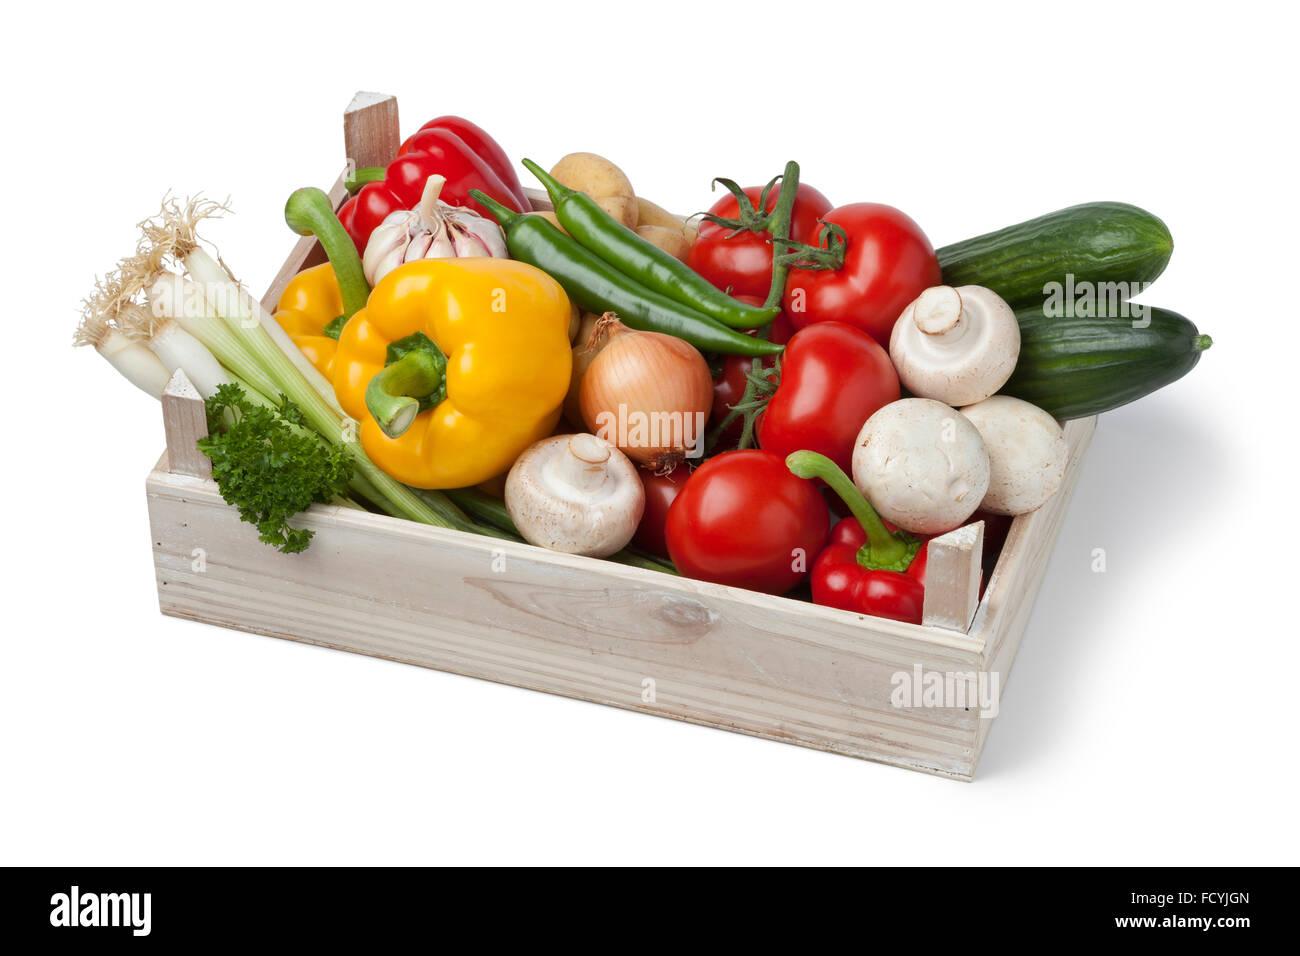 Holzkiste mit frischem Gemüse auf weißem Hintergrund Stockbild